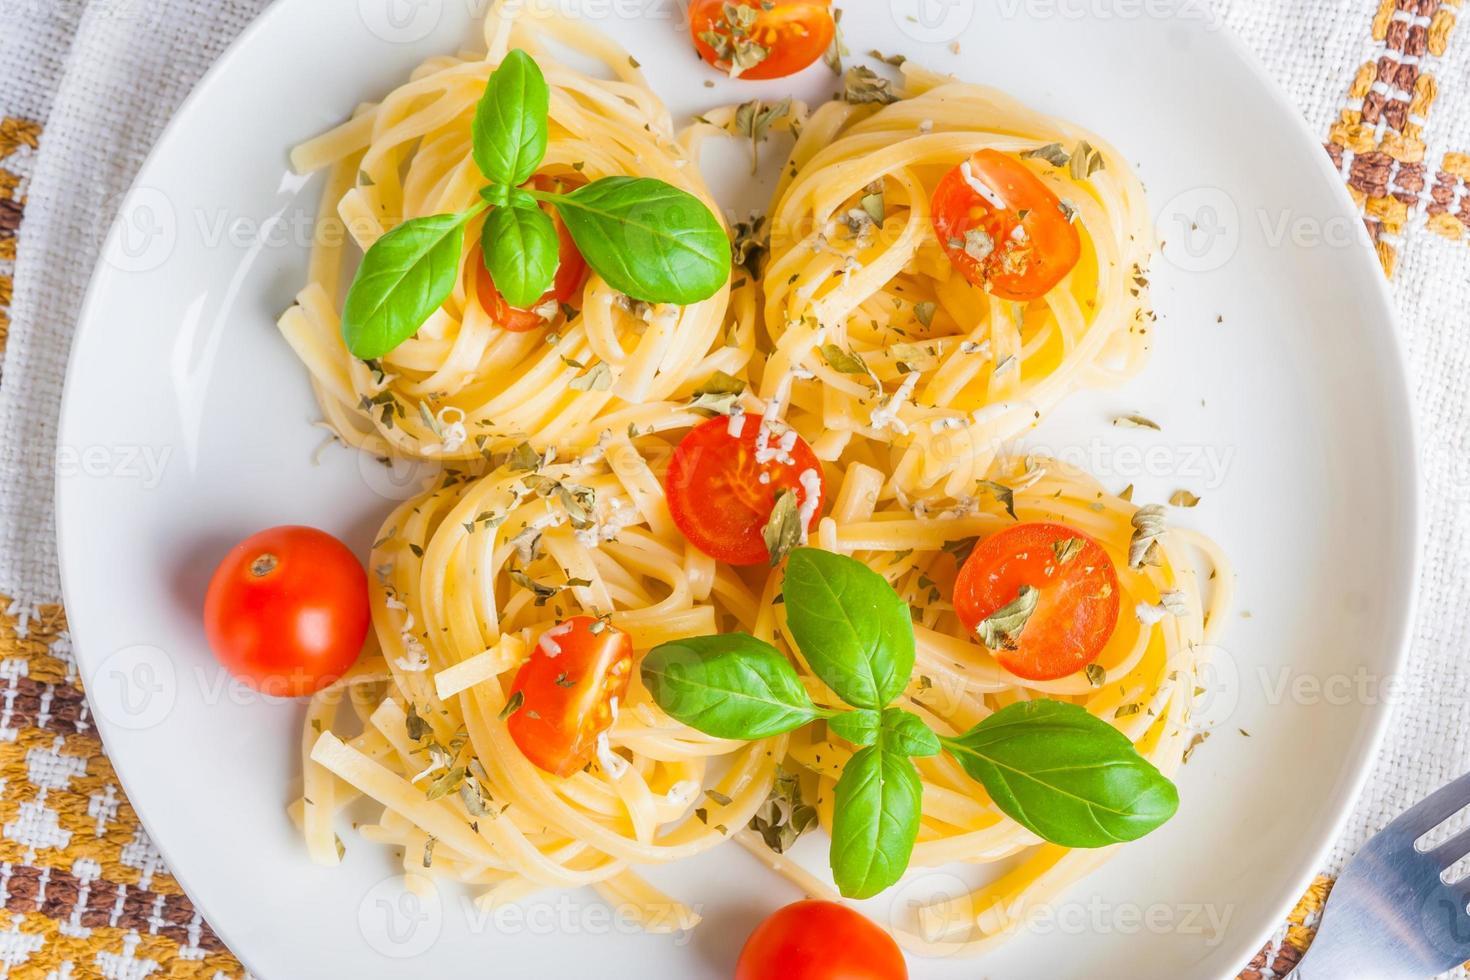 espaguete com queijo azul, tomate e manjericão foto